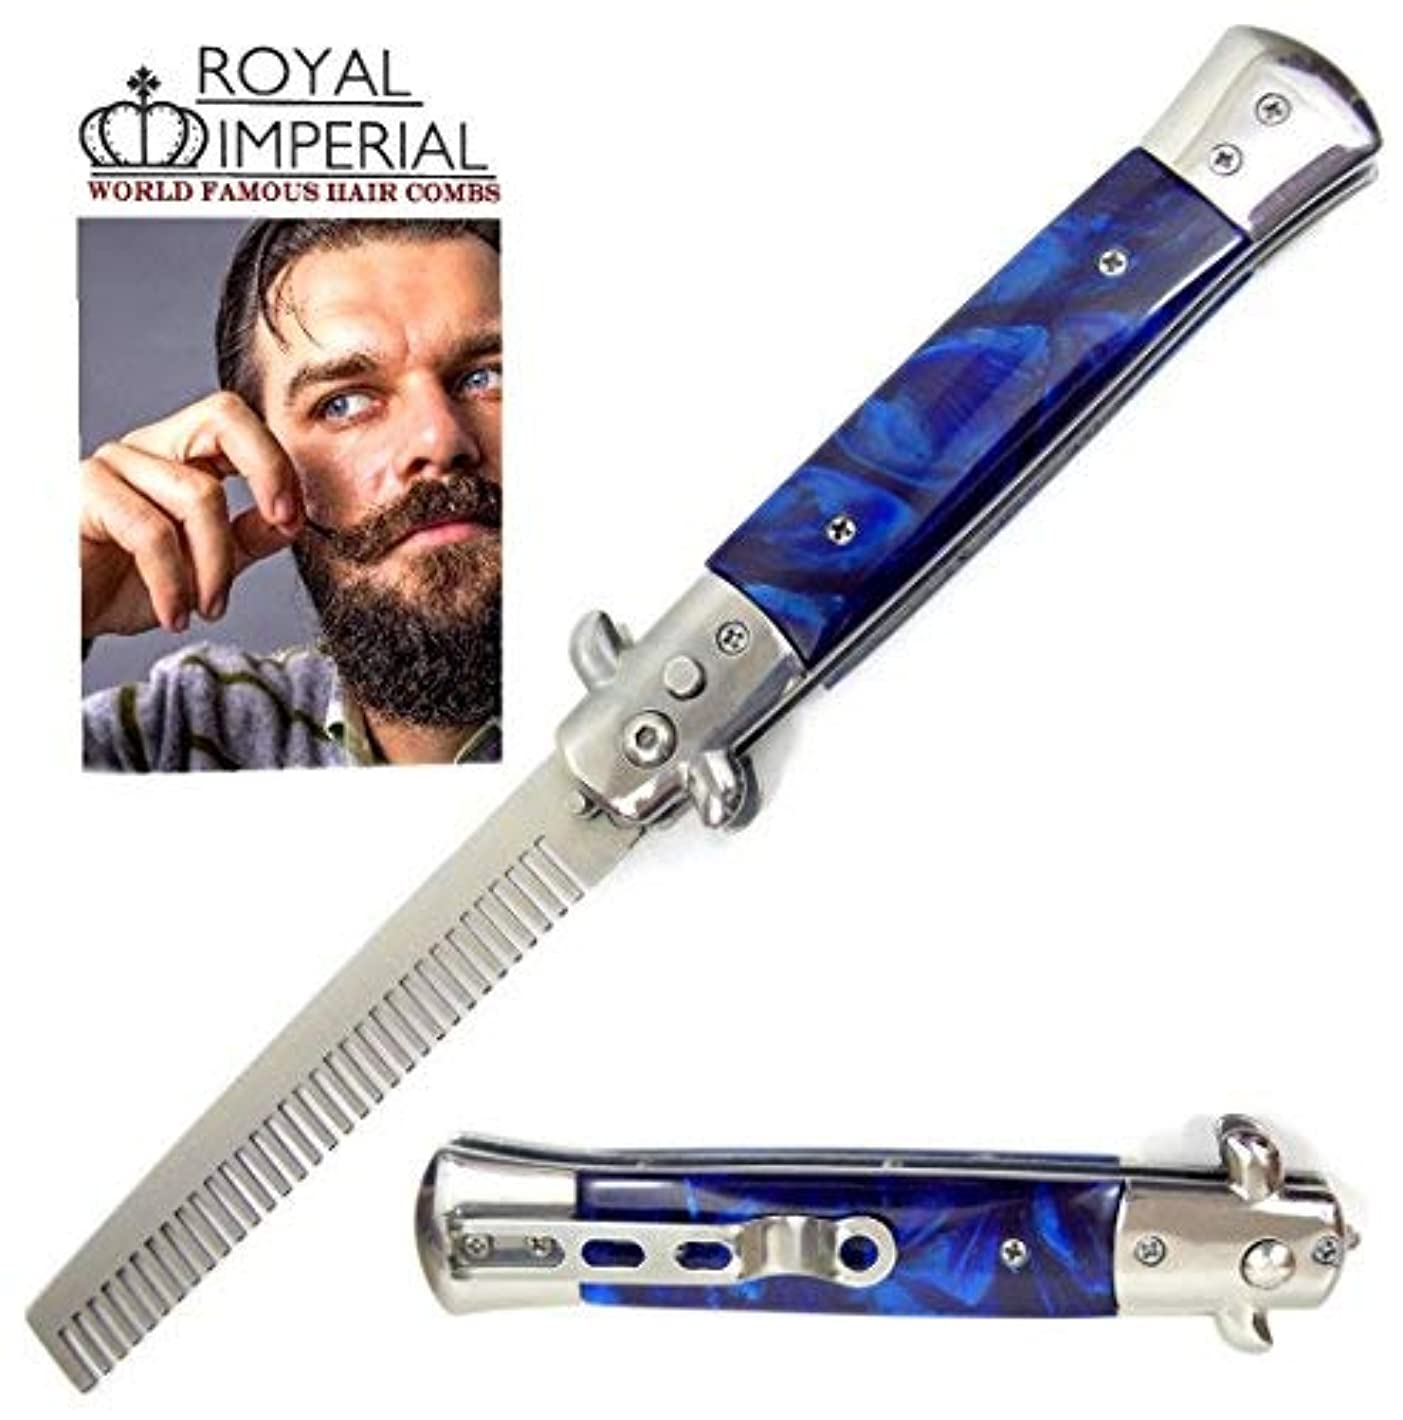 ボイコット特権的作り上げるRoyal Imperial Metal Switchblade Pocket Folding Flick Hair Comb For Beard, Mustache, Head BLUE CYCLONE Handle...